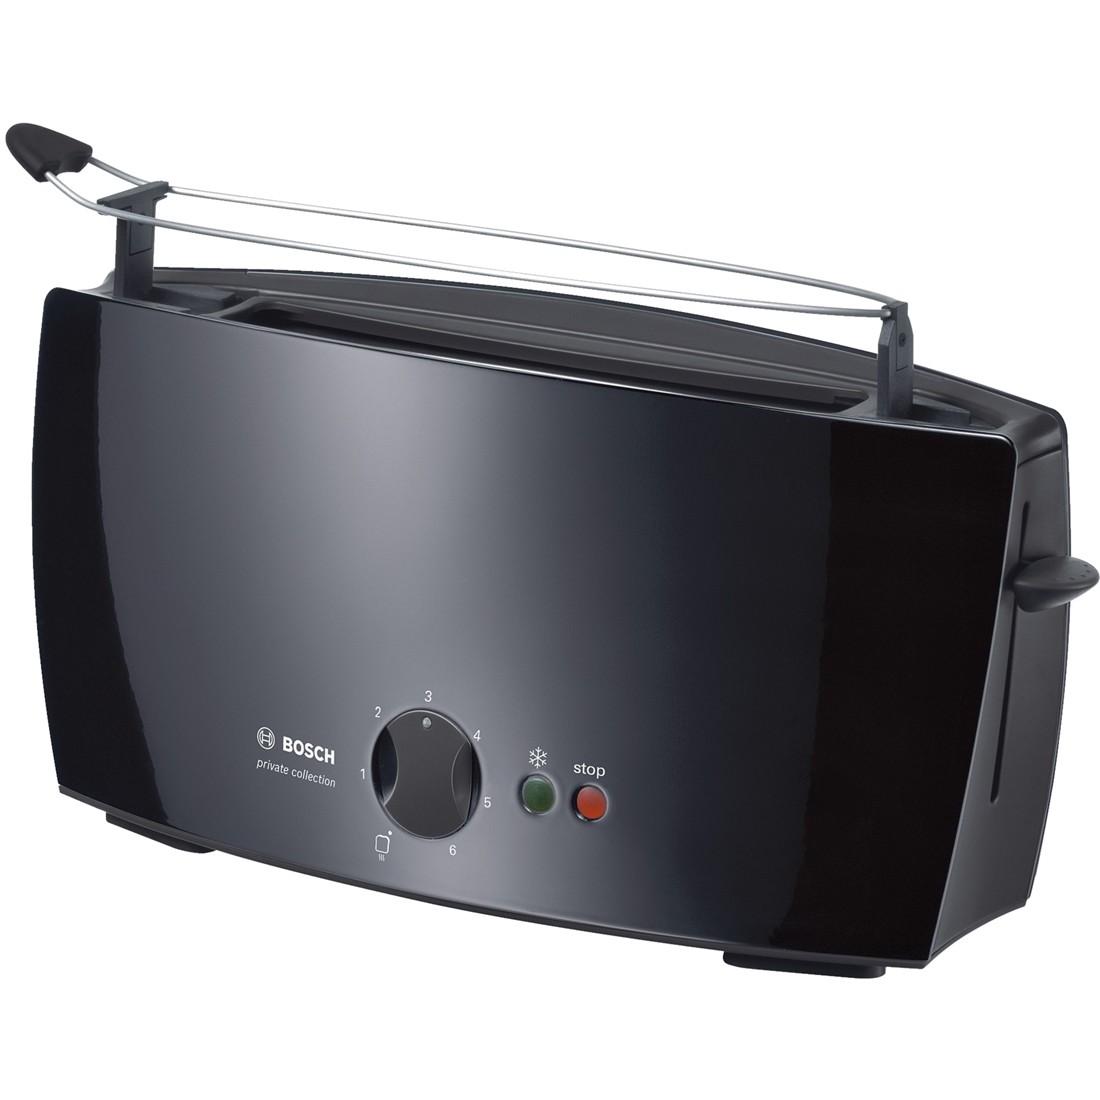 เครื่องปิ้งขนมปังแบบแผ่นยาว BOSCH รุ่น TAT6003